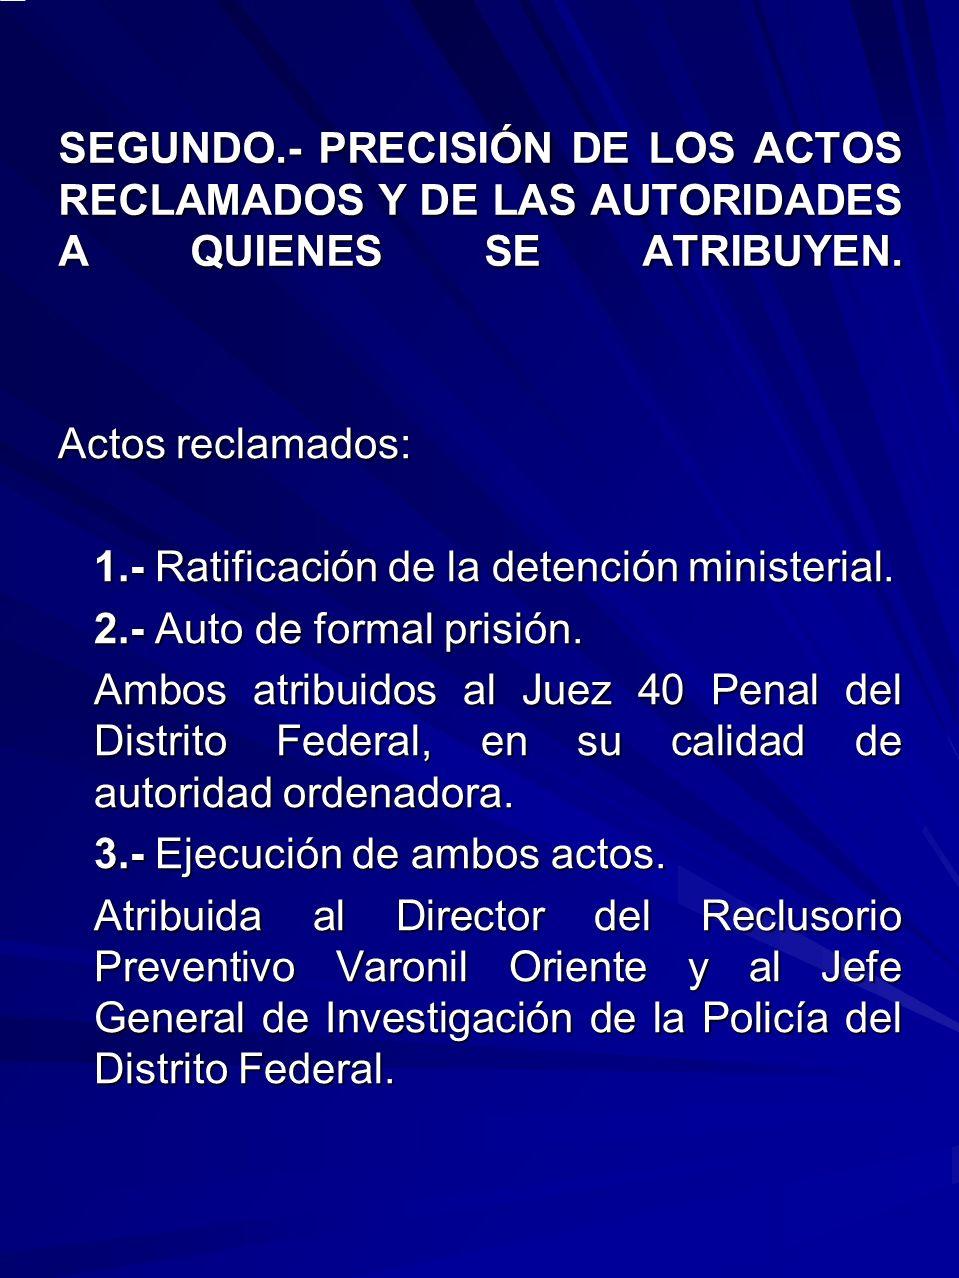 SEGUNDO.- PRECISIÓN DE LOS ACTOS RECLAMADOS Y DE LAS AUTORIDADES A QUIENES SE ATRIBUYEN. Actos reclamados: 1.- Ratificación de la detención ministeria